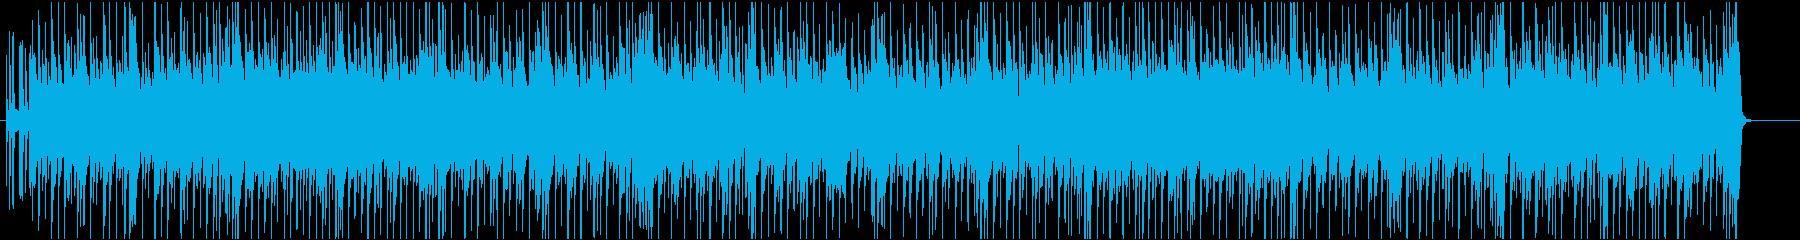 気持ちいい朝をイメージしたピアノポップスの再生済みの波形